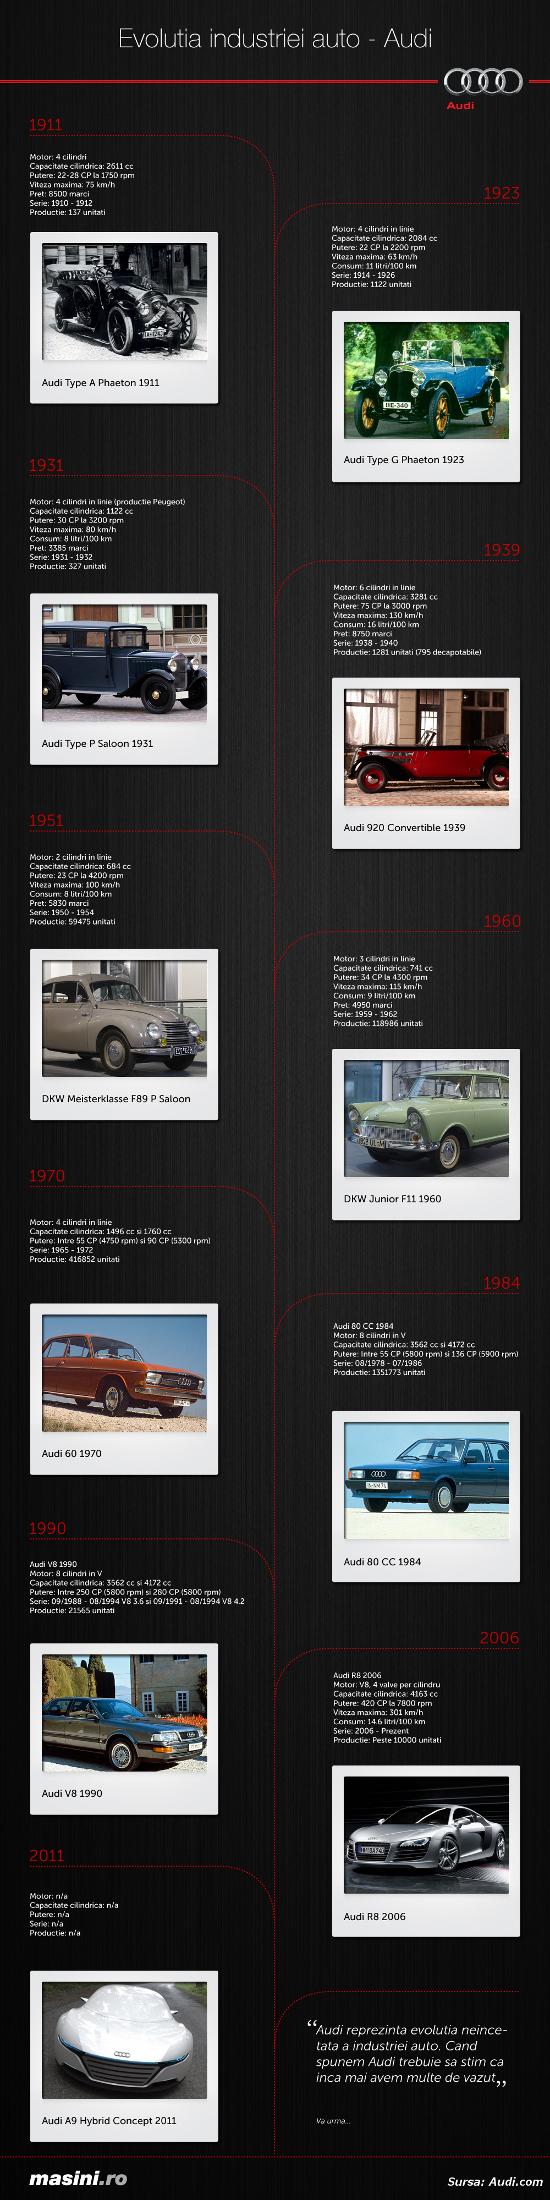 Evolutia industriai auto Audi - Infografic Masini.ro